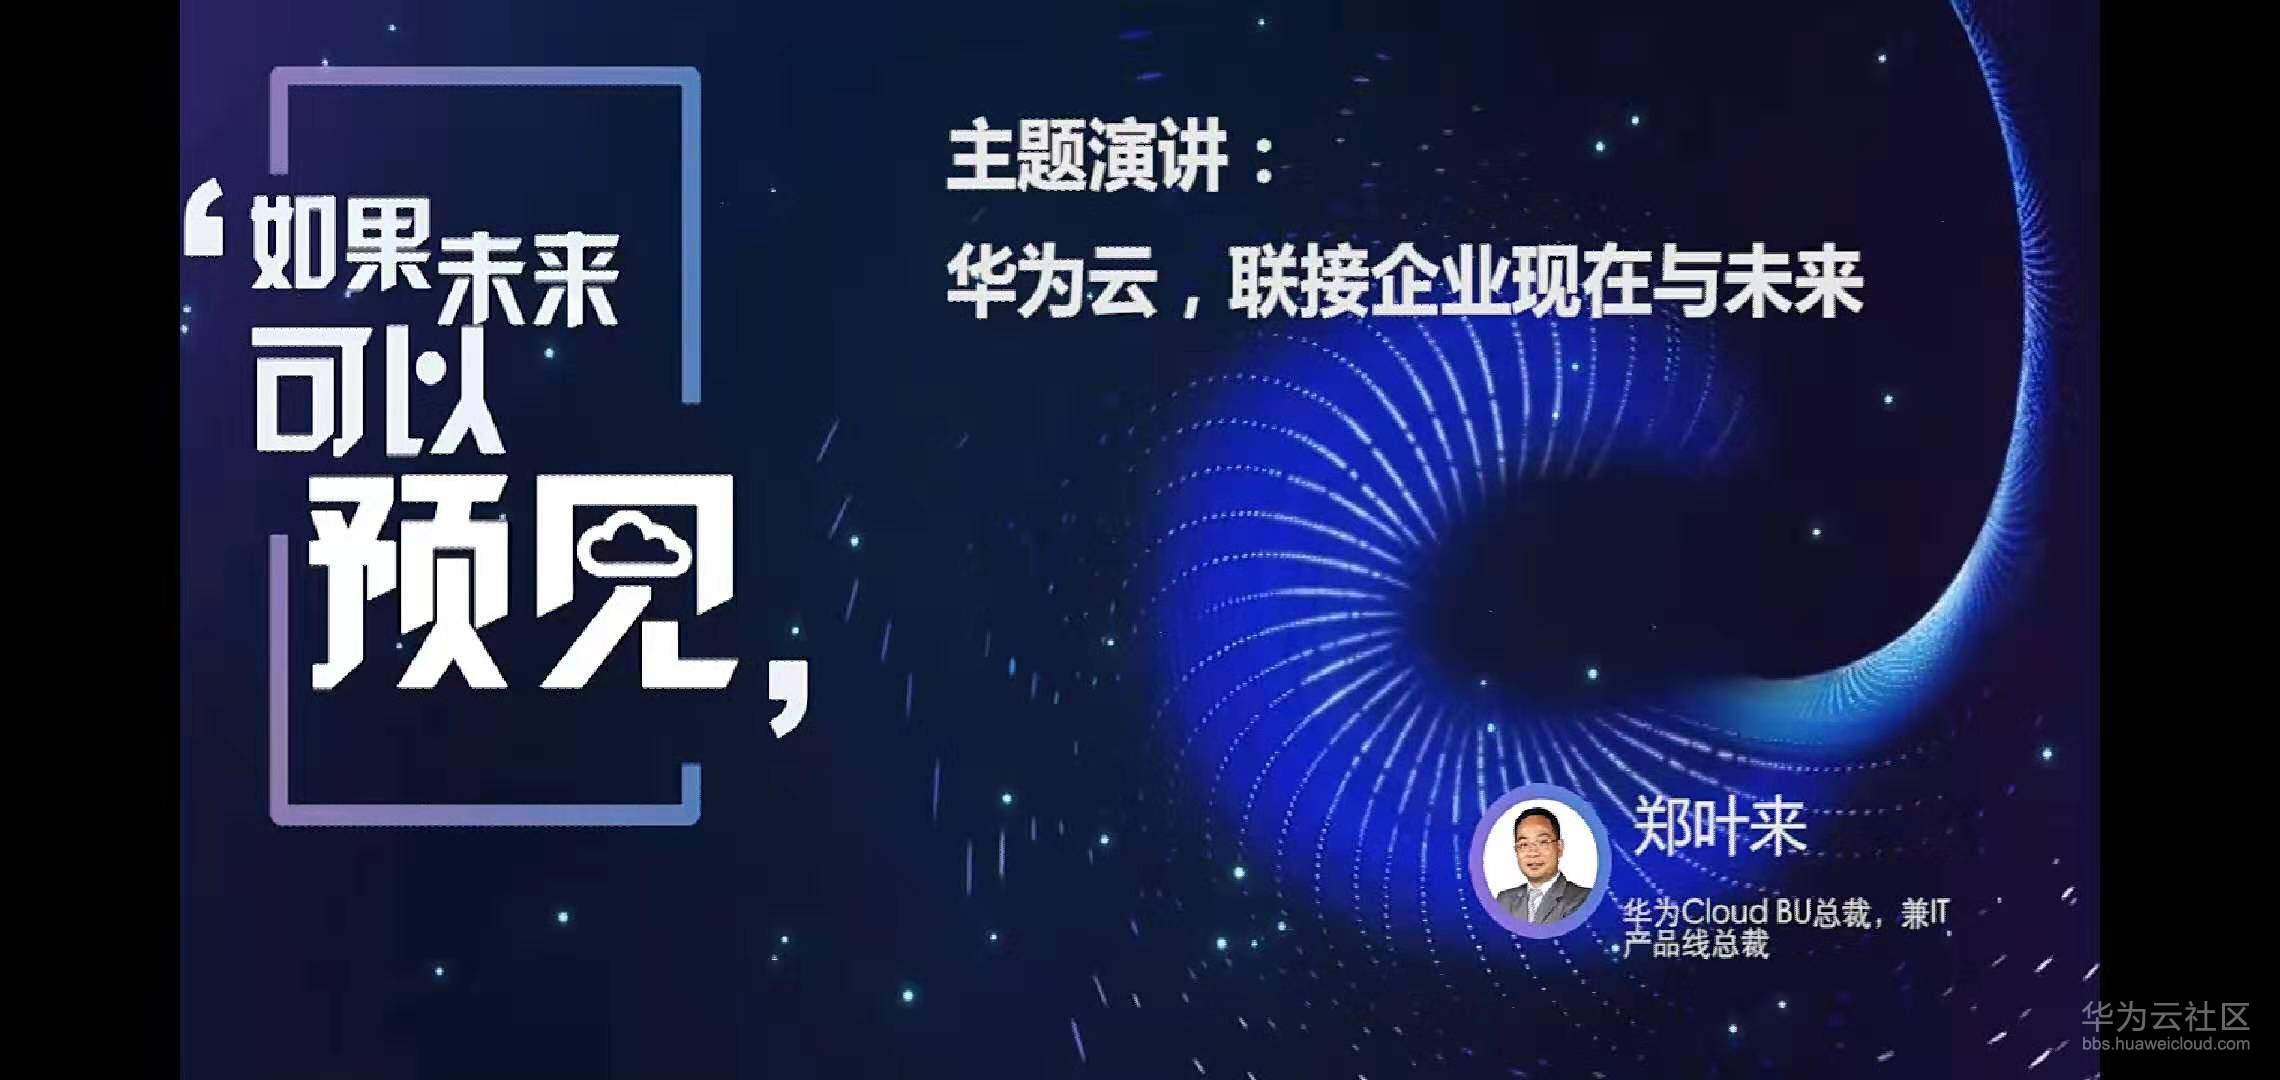 华为云连接企业现在与未来